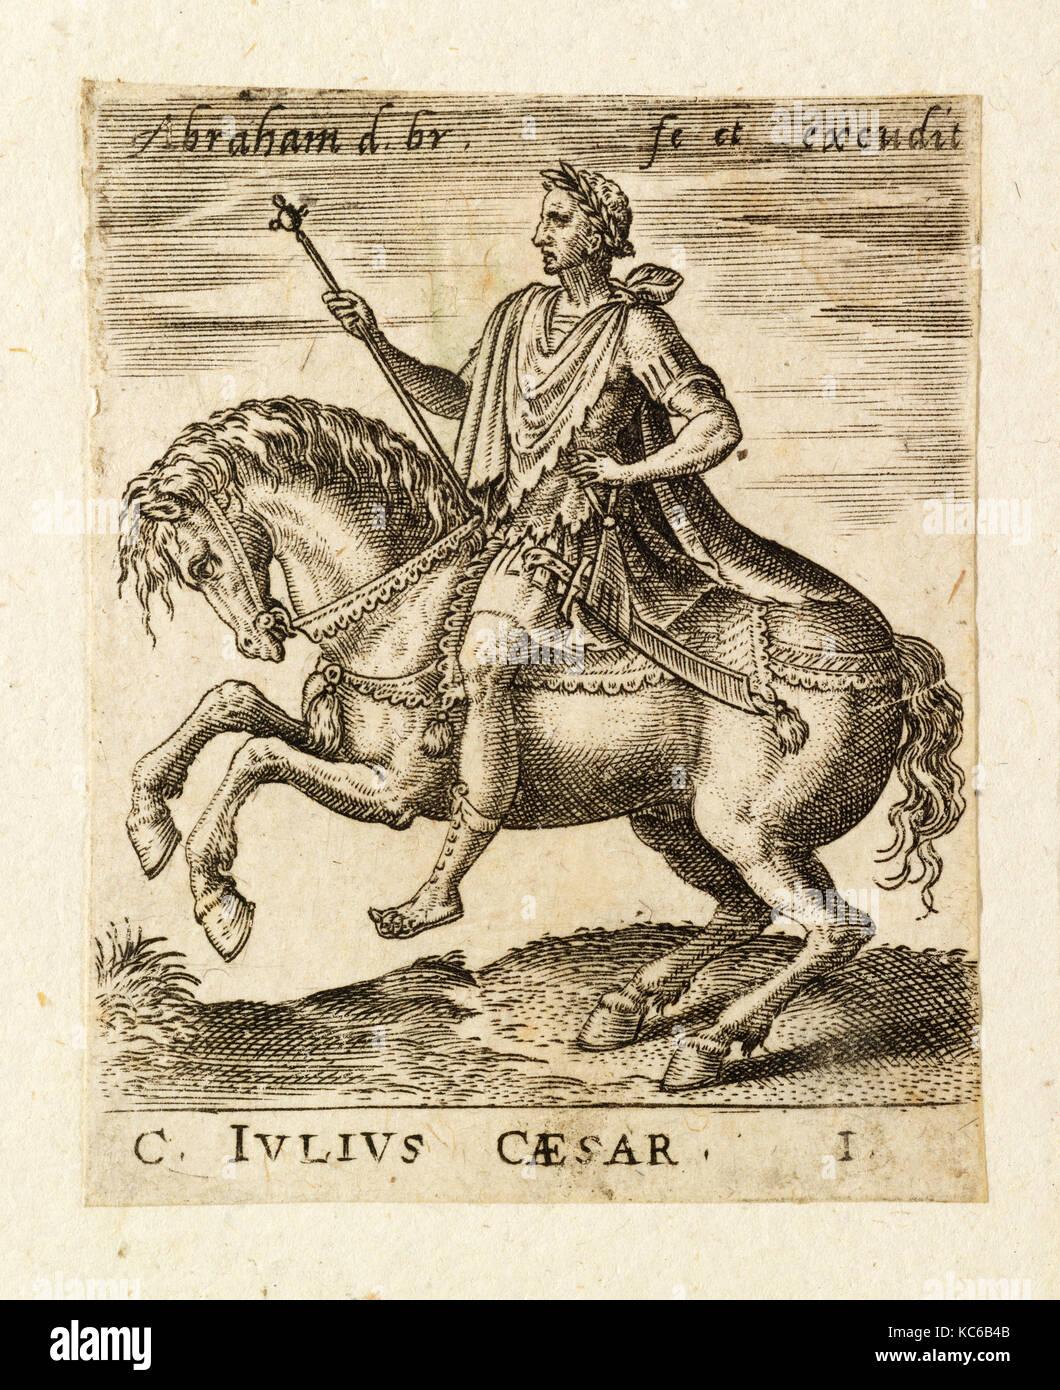 Dessins et estampes, Print, C. Julius Caesar de douze Césars à cheval, artiste, Abraham de Bruyn, flamand, Anvers 1540 Banque D'Images